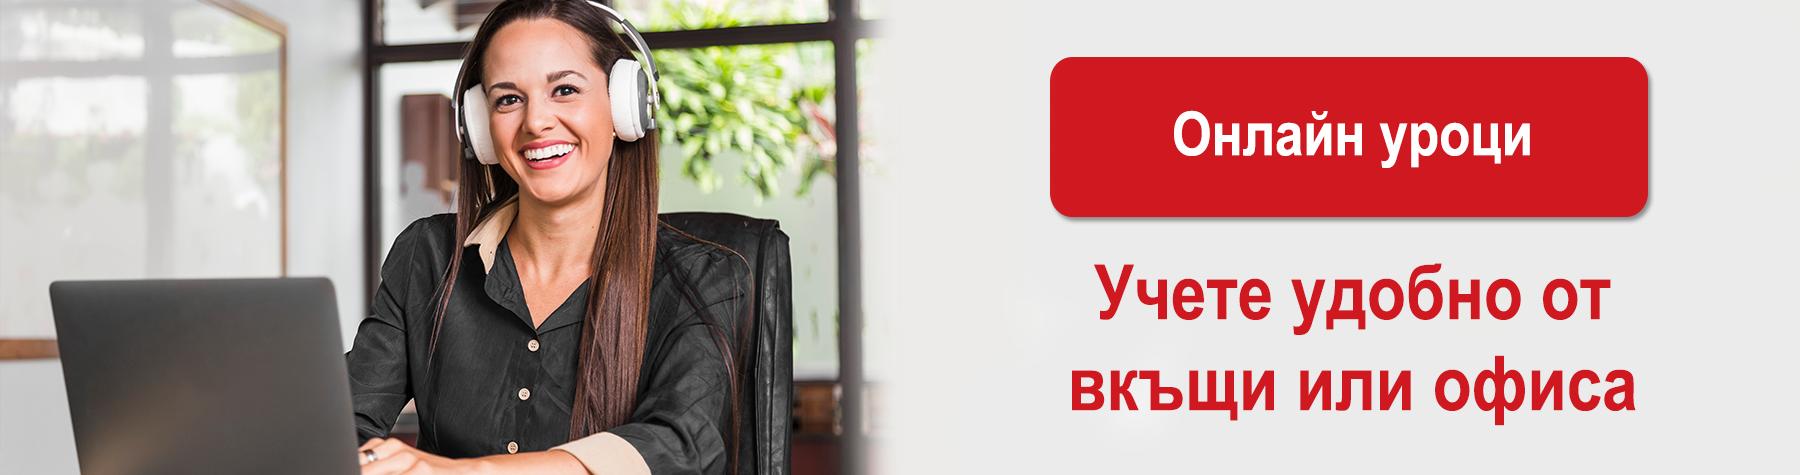 онлайн уроци по турски език 1